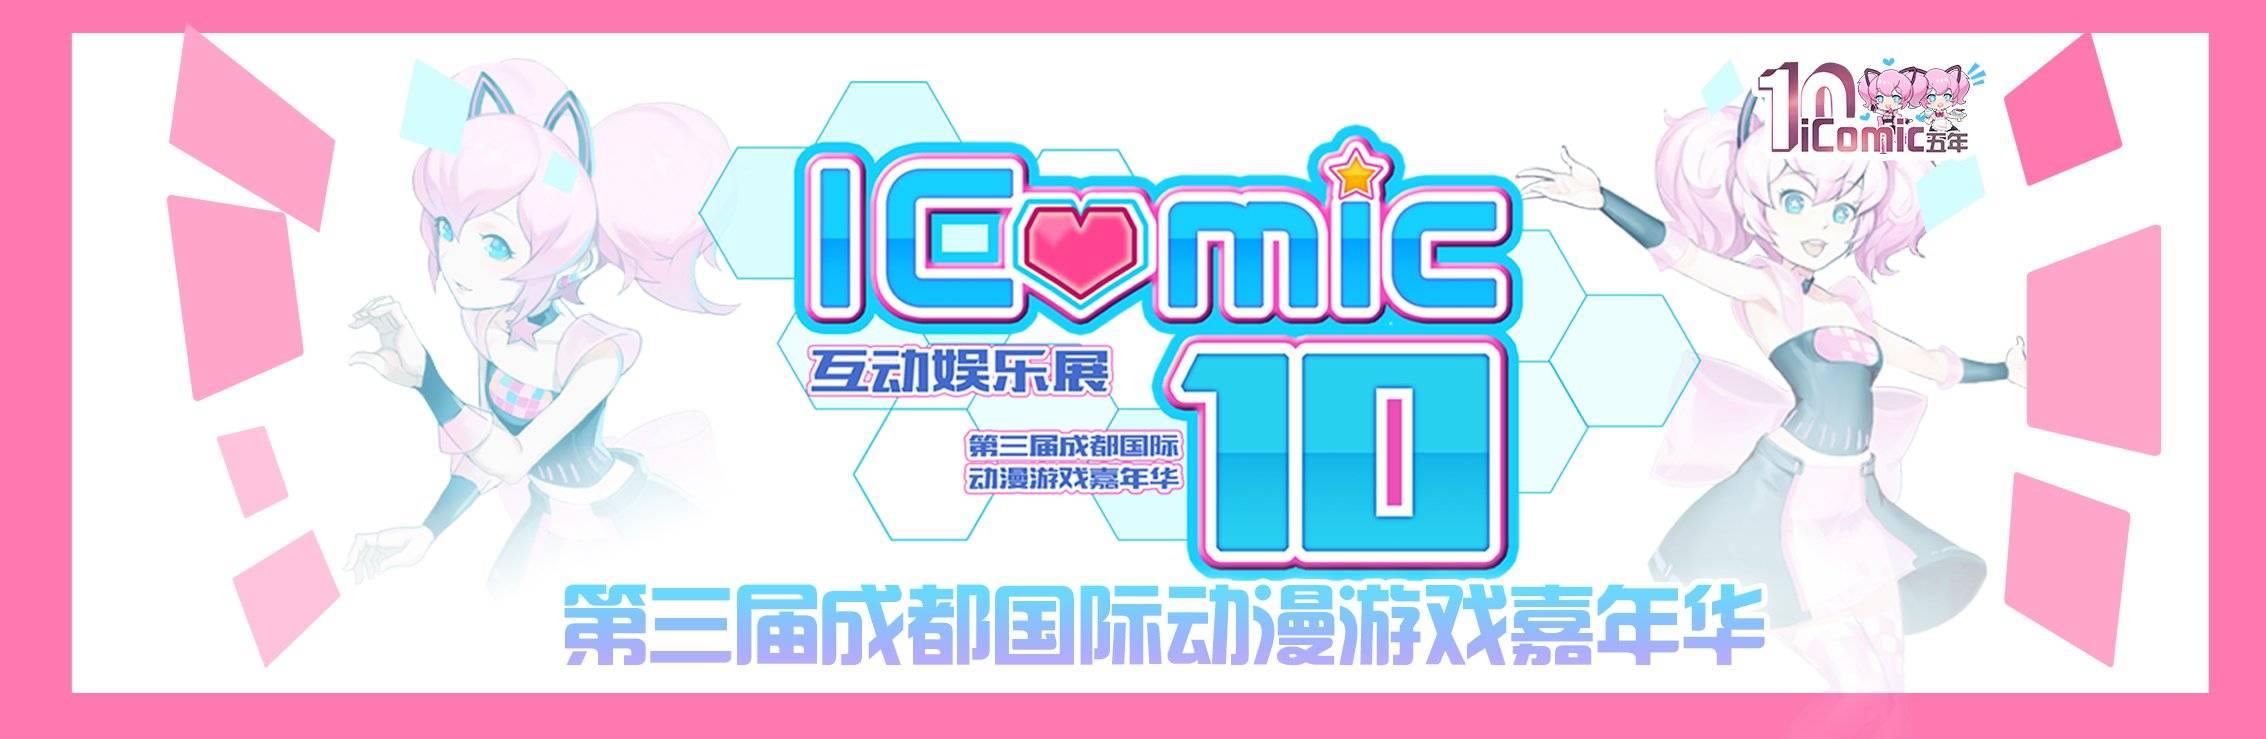 【五年-十届】第十届iComic互动娱乐展点燃初冬